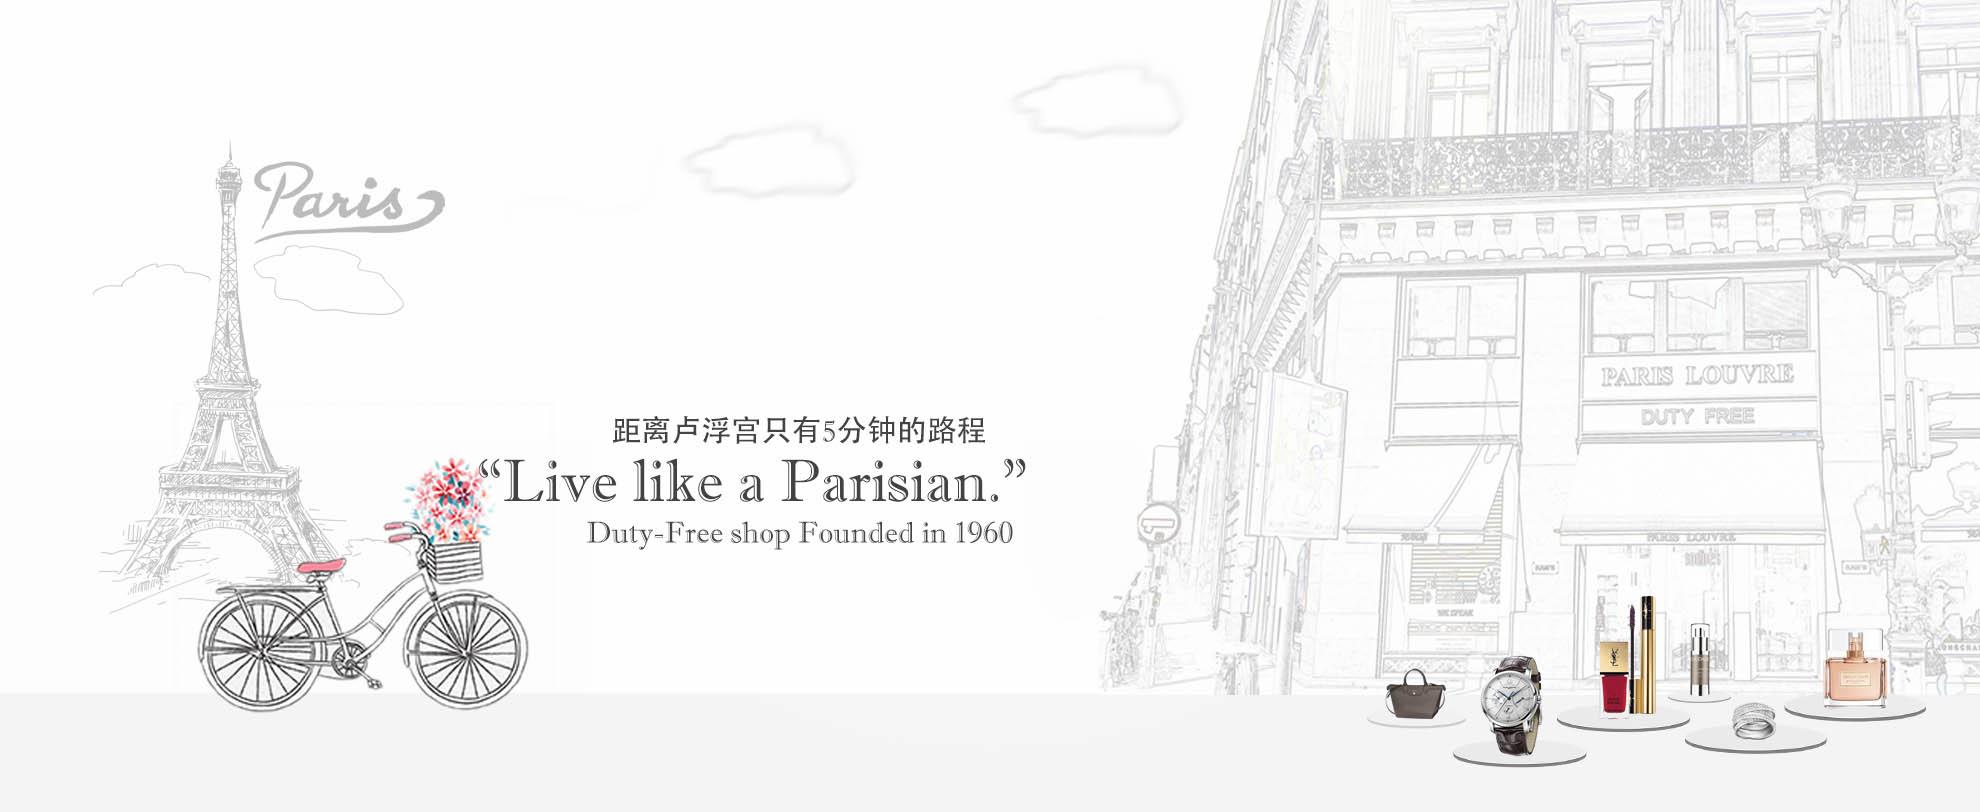 像巴黎人一样生活